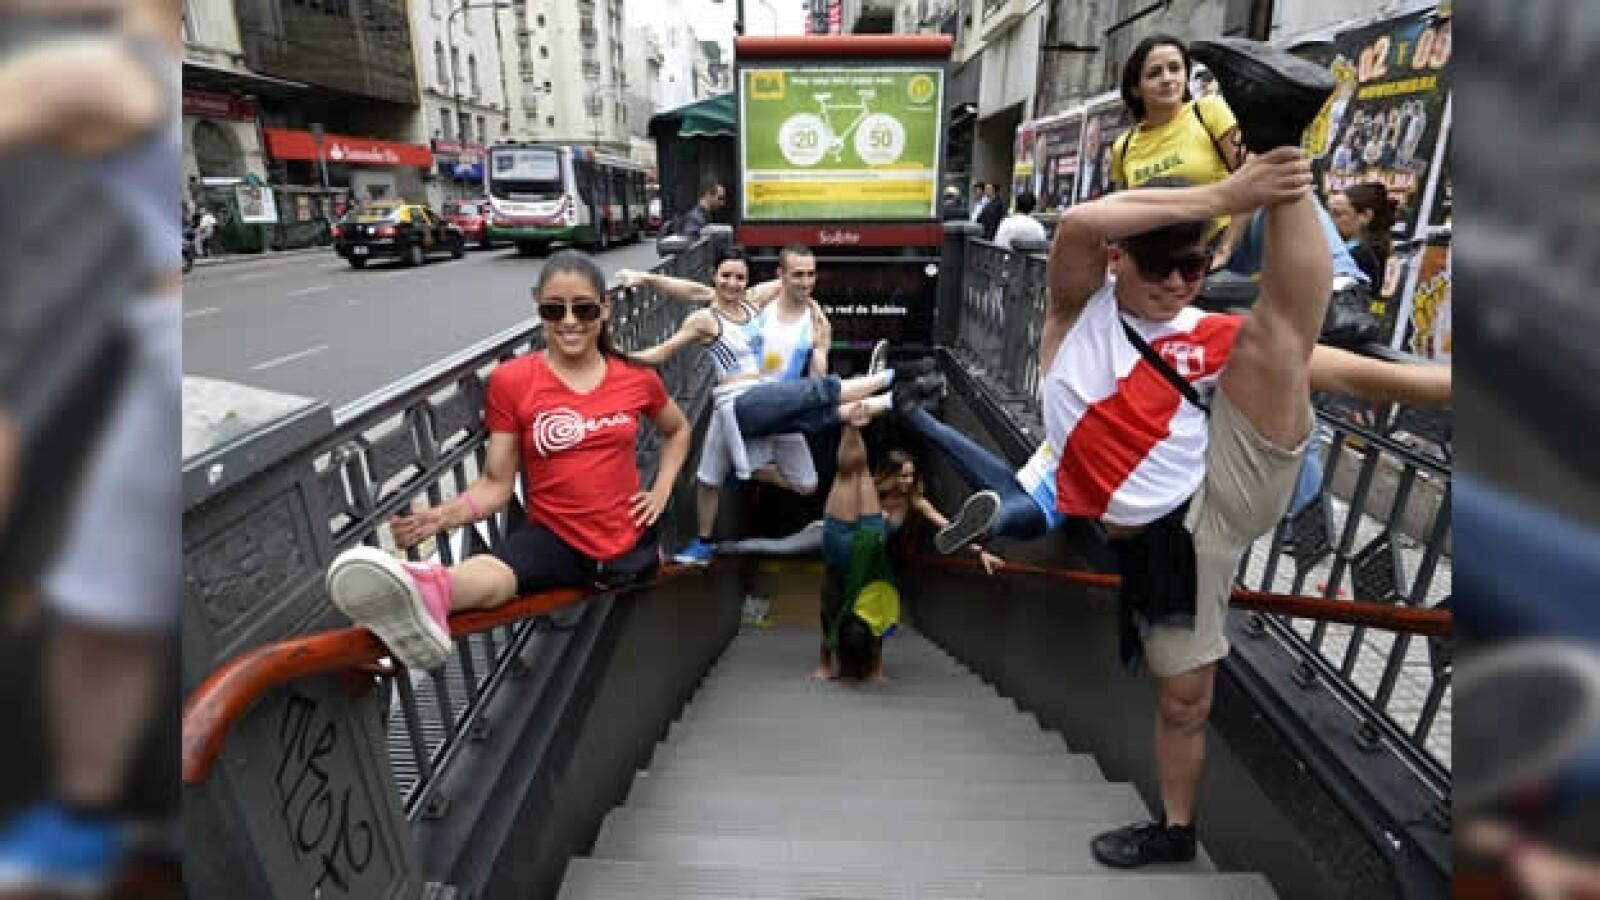 demostracion de pole dance en el metro